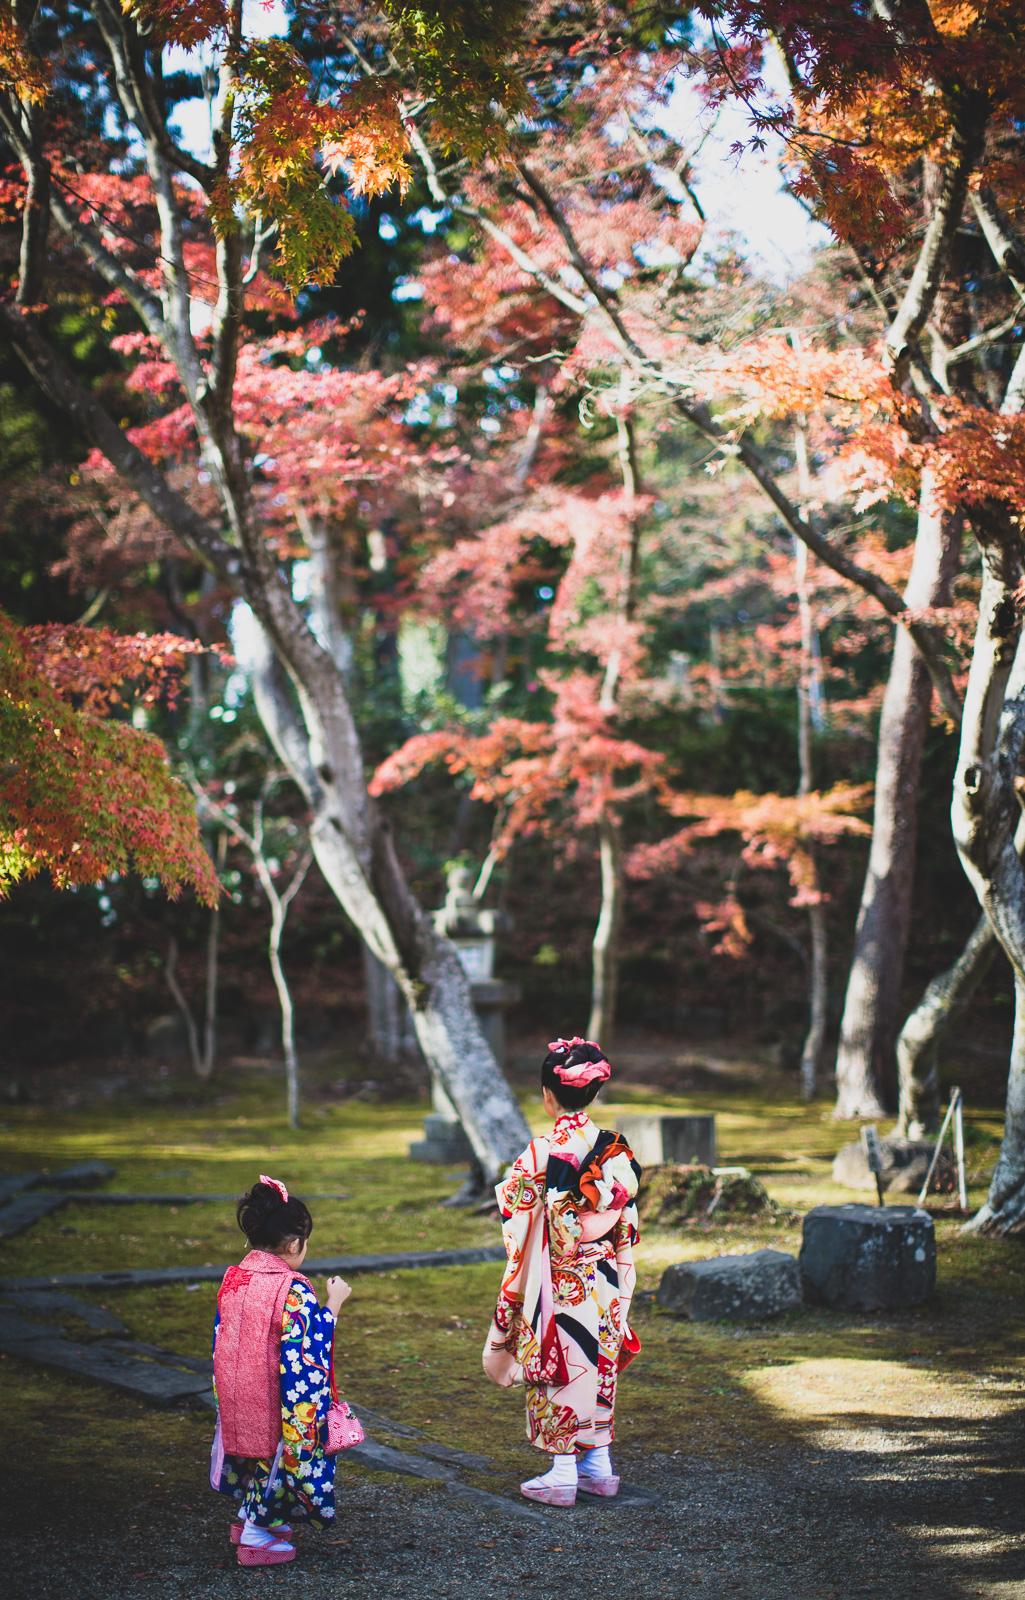 鹽竈神社(しおがま神社)七五三、人気スポット